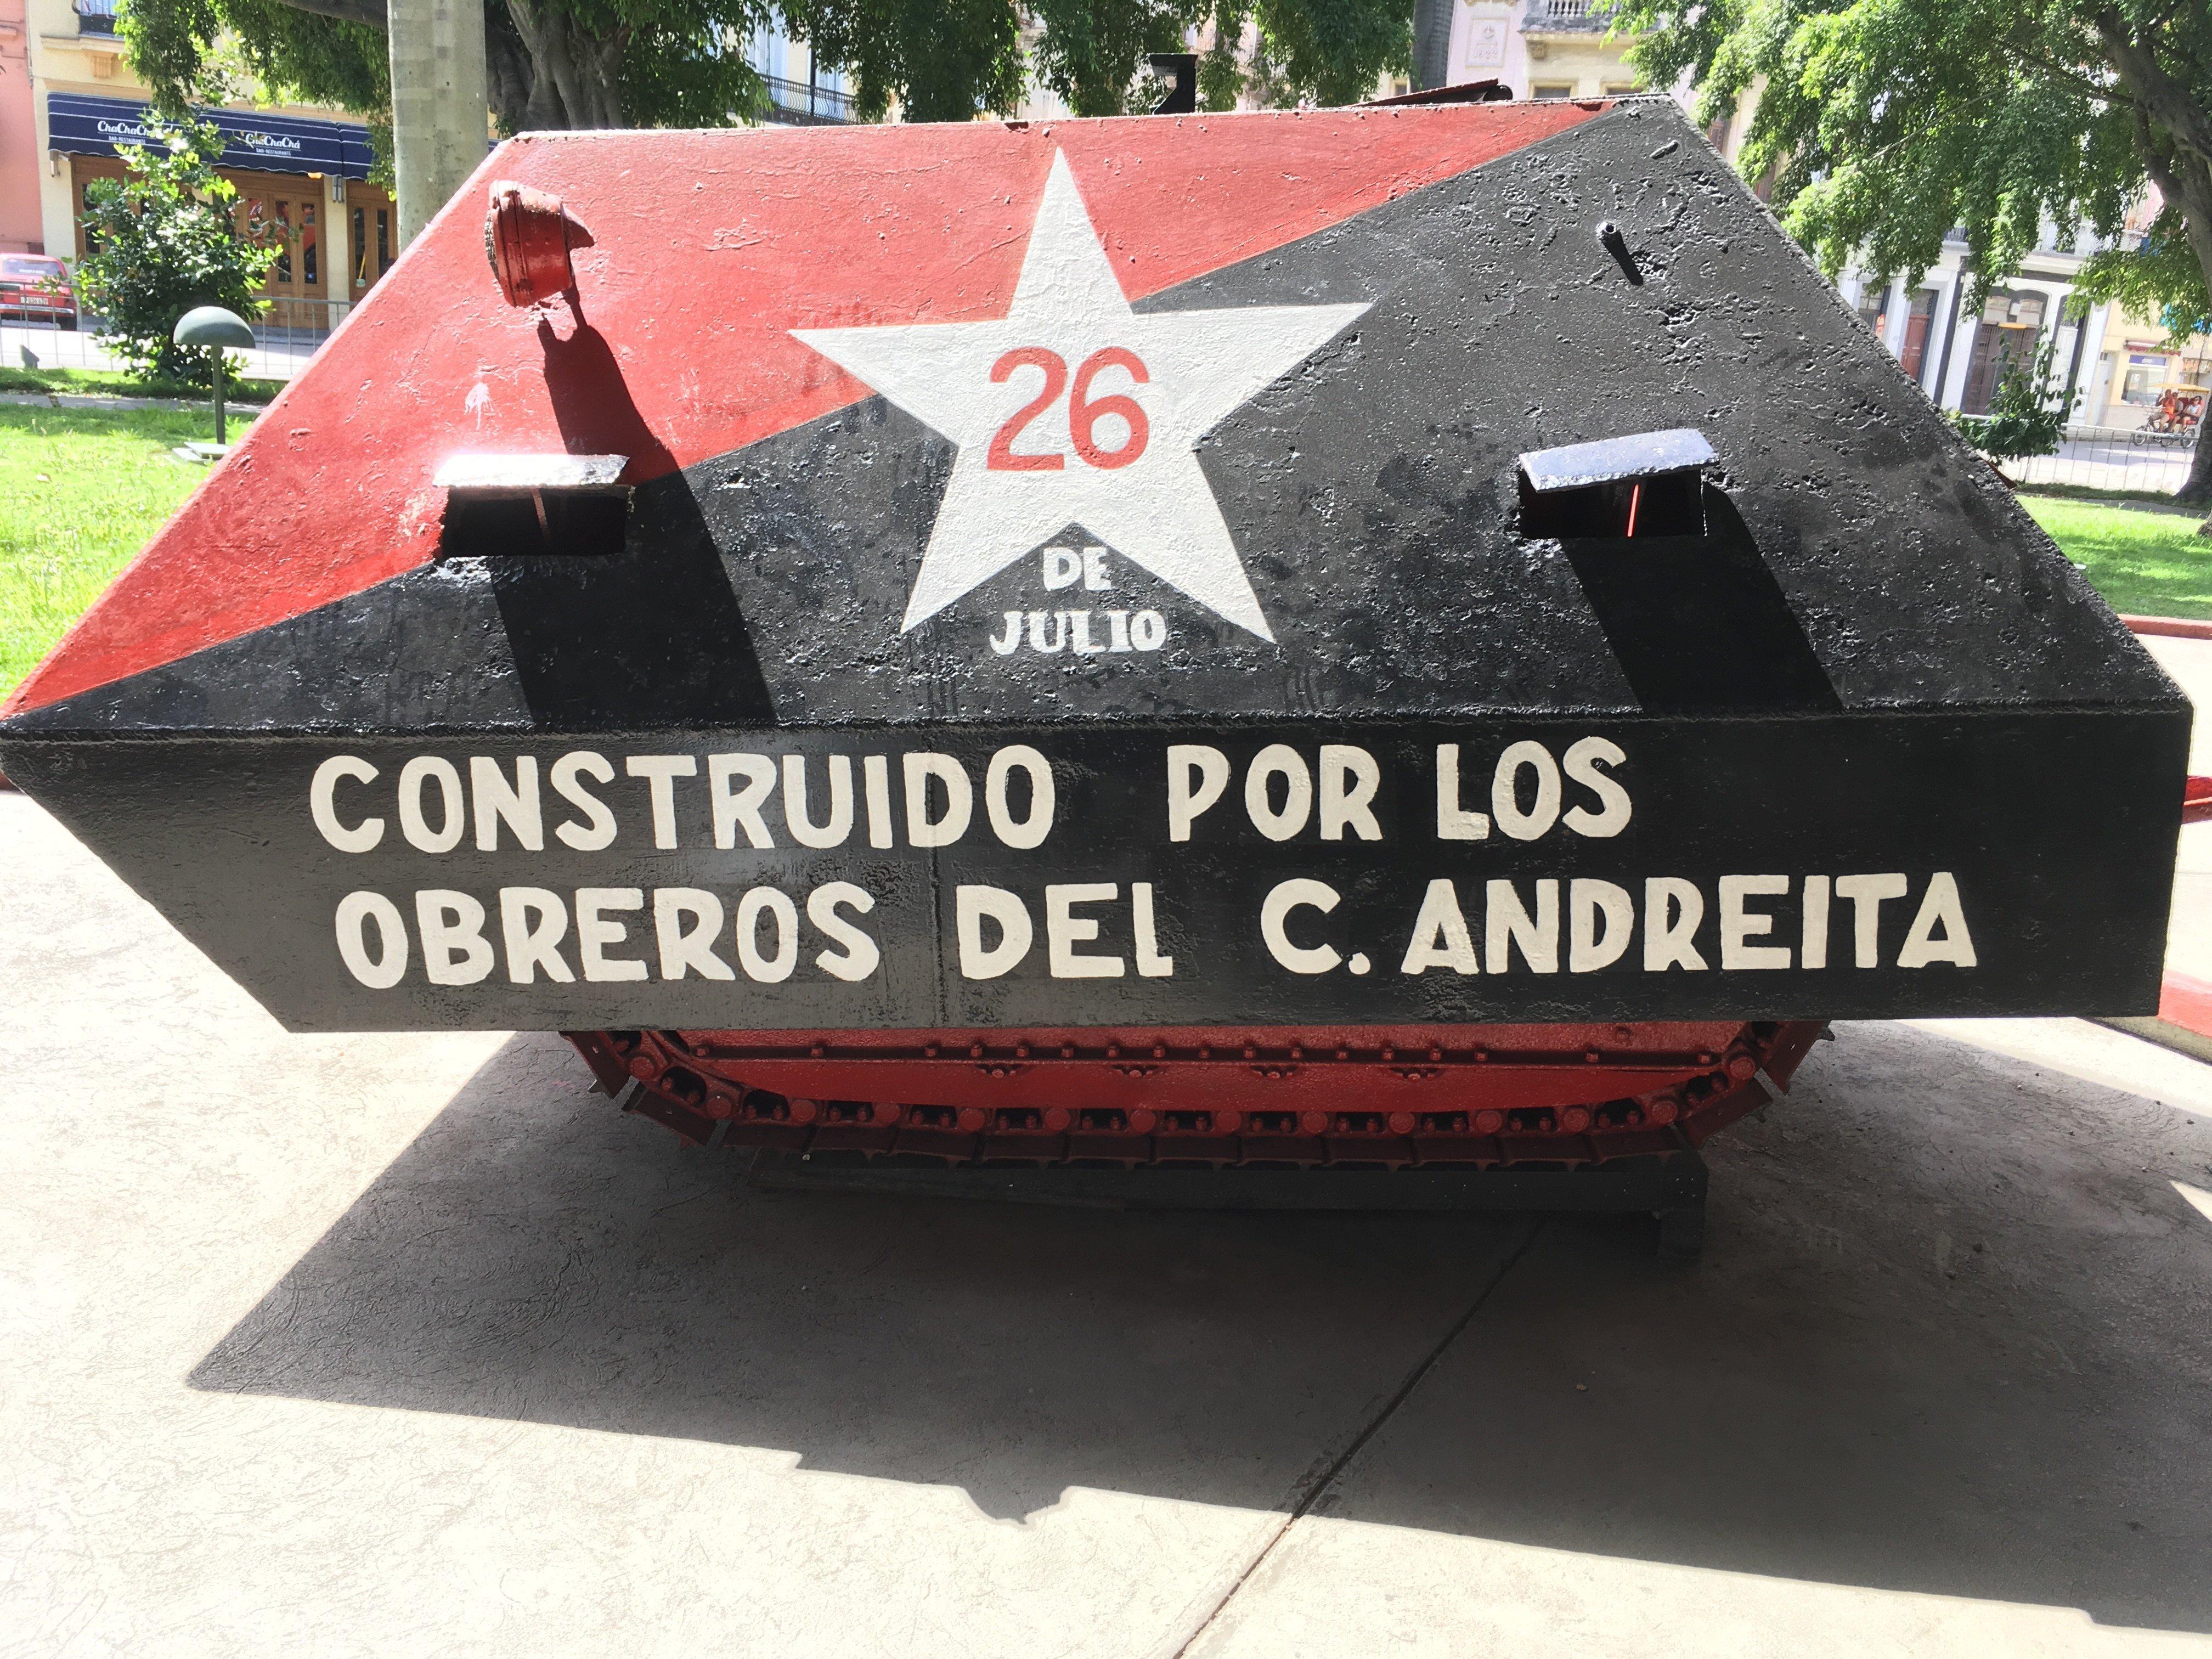 Este carro blindado fue construido por los obreros del Central Andreita en Villa Clara para ser utilizado por las tropas del Che Guevara. Nunca entró en combate, pues ocurrió el triunfo de la Revolución cubana.